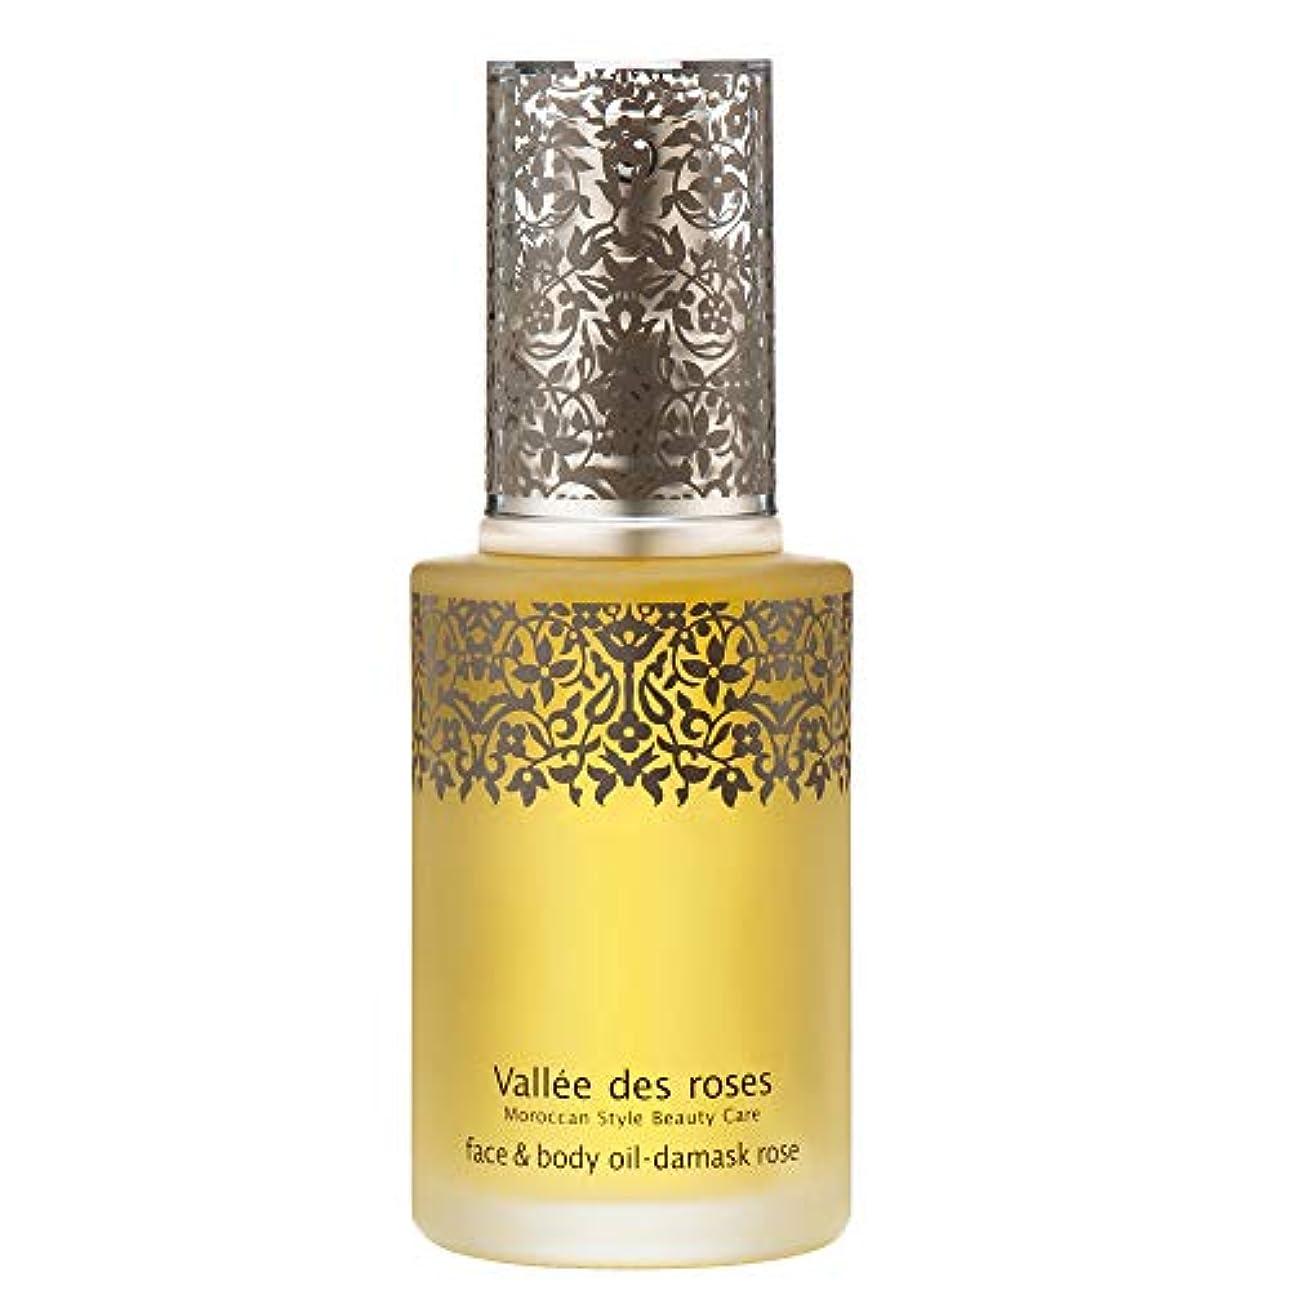 憧れ過去こしょうヴァレ ド ローズ(Vallée des roses) ヴァレ ド ローズ フェイス&ボディオイル 美容液 ローズ、ゼラニウム 60mL